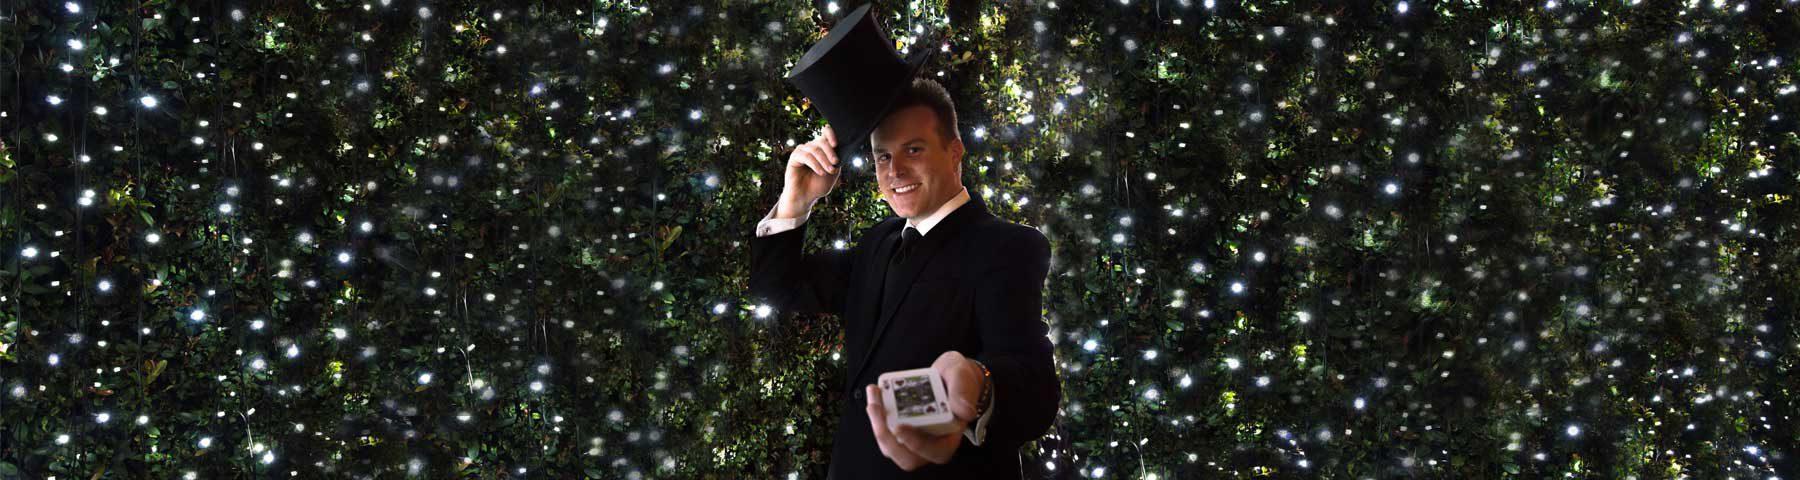 Blog of an Auckland Magician